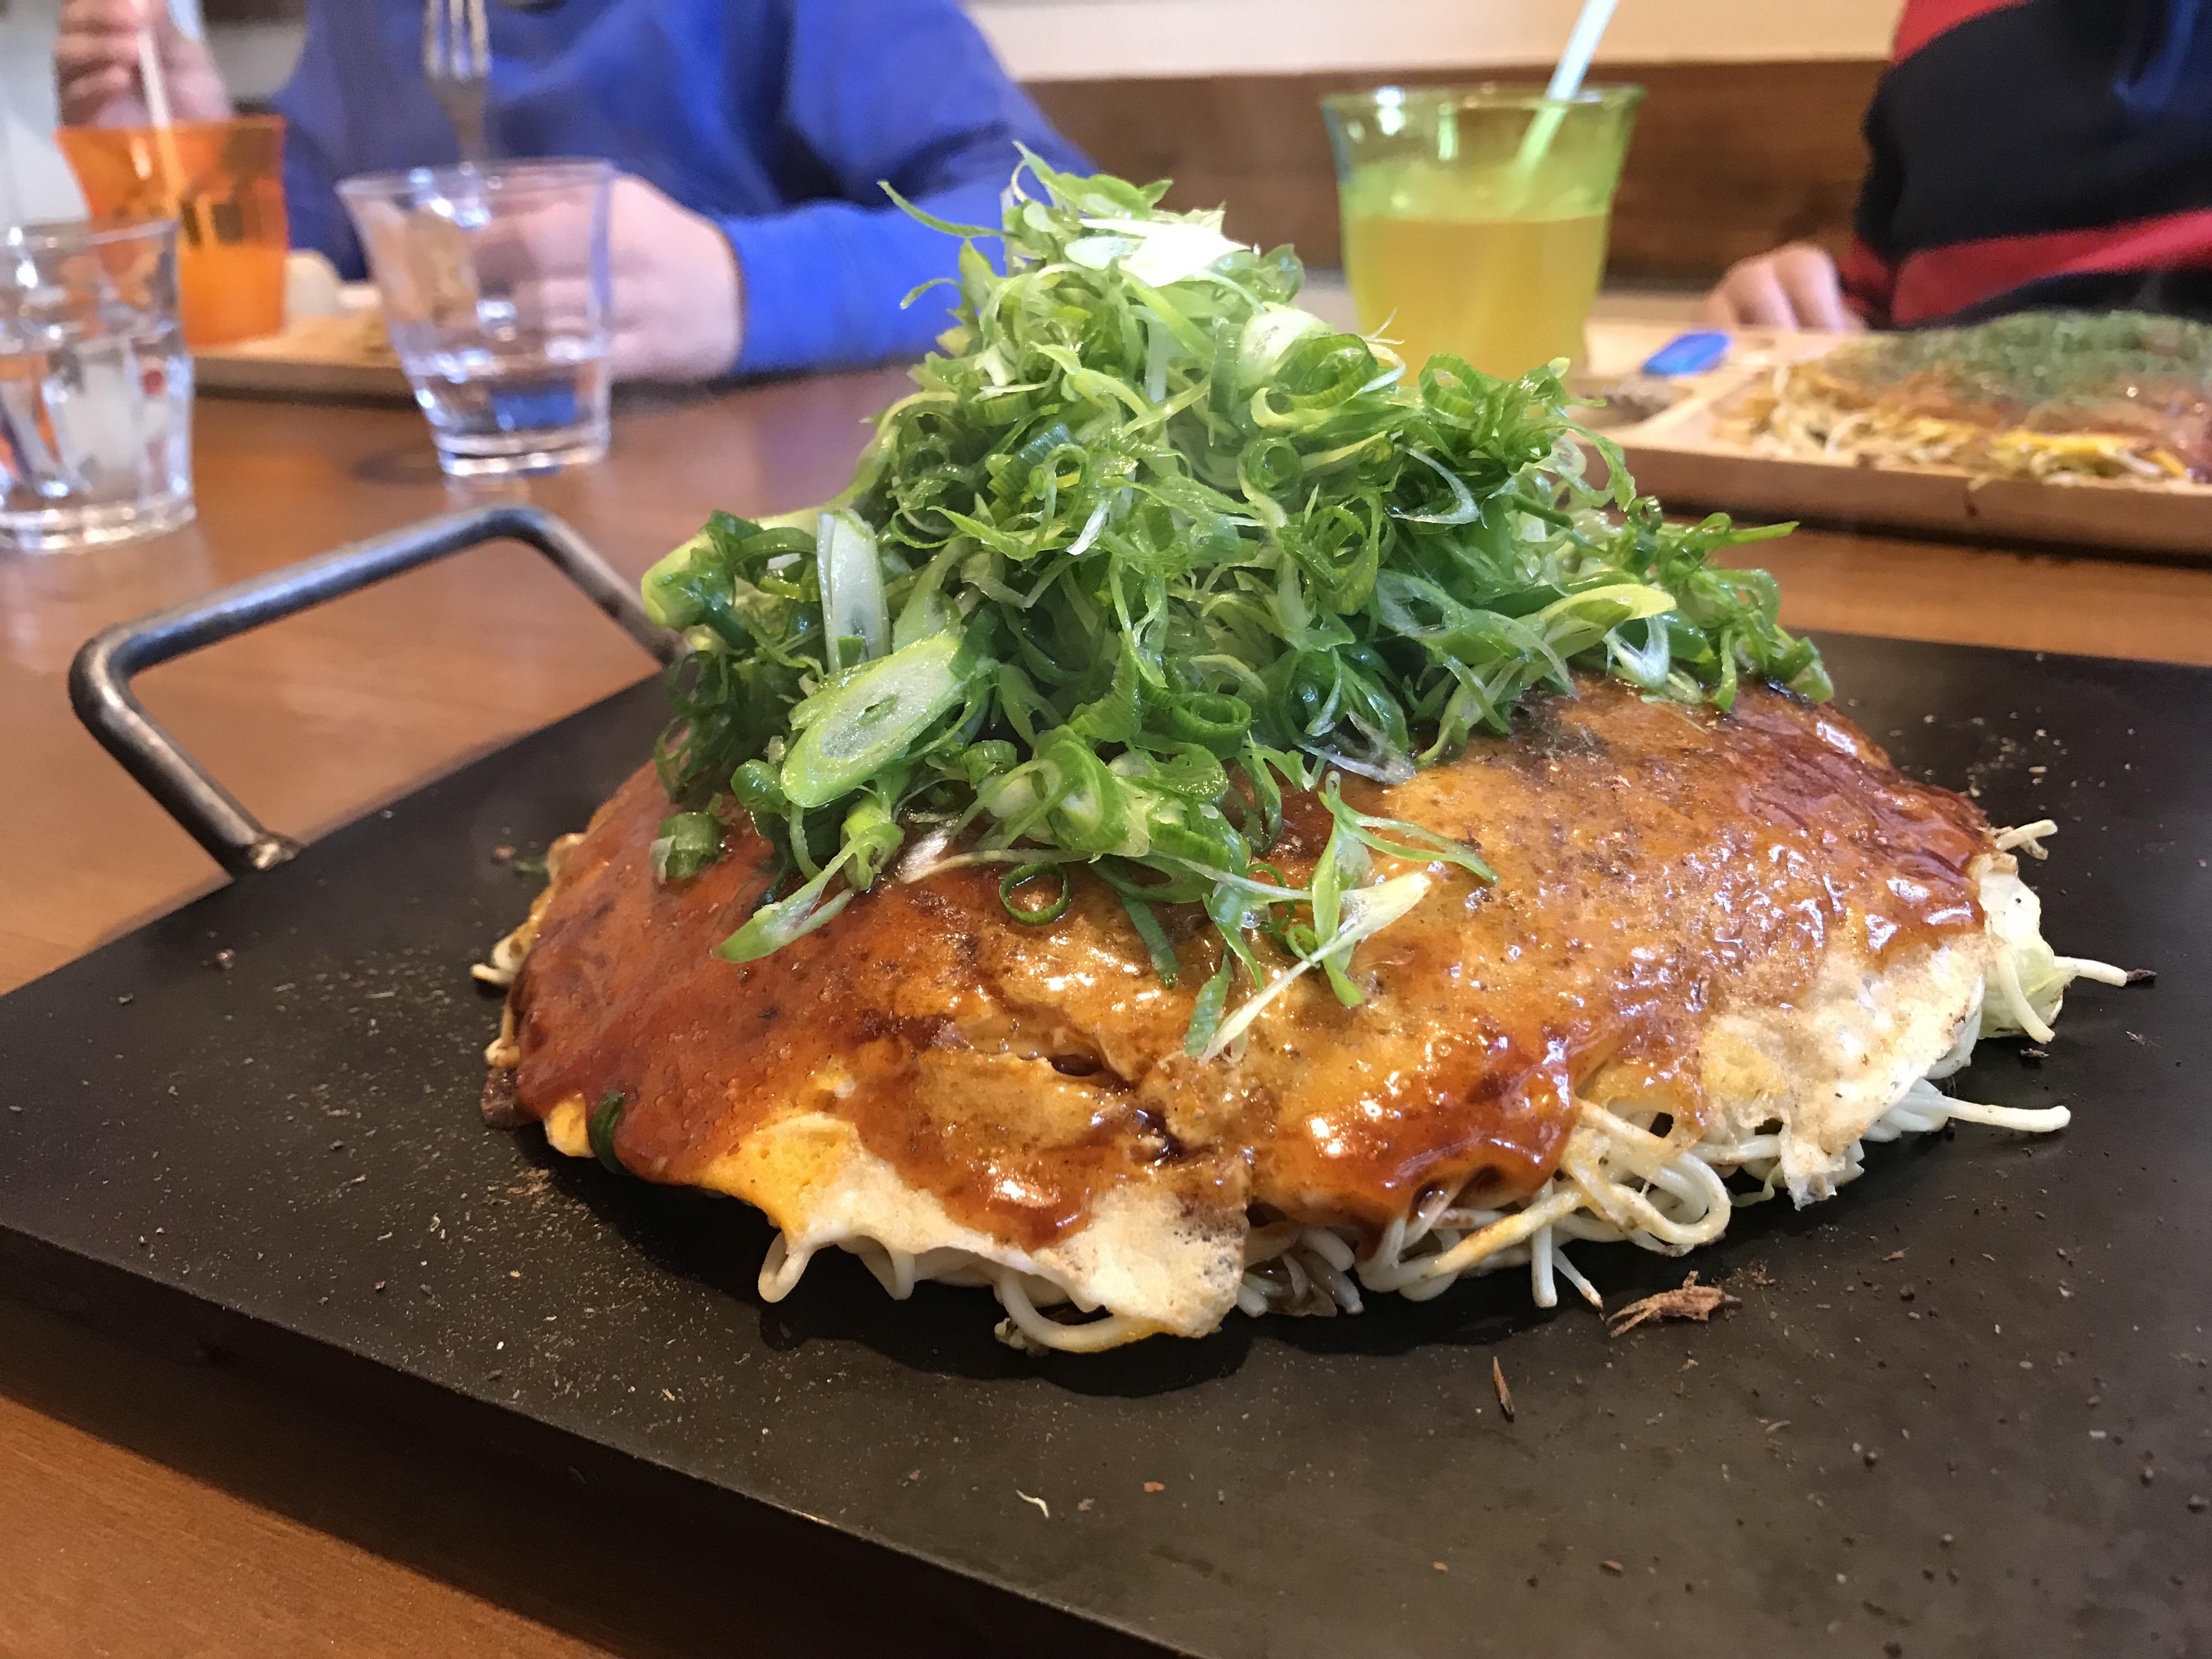 お好み焼き kate-kate(広島市安佐南区緑井) 拘りの詰まったあっさり系の味と南国情緒溢れるインテリアが印象的なお好み焼き屋さん。